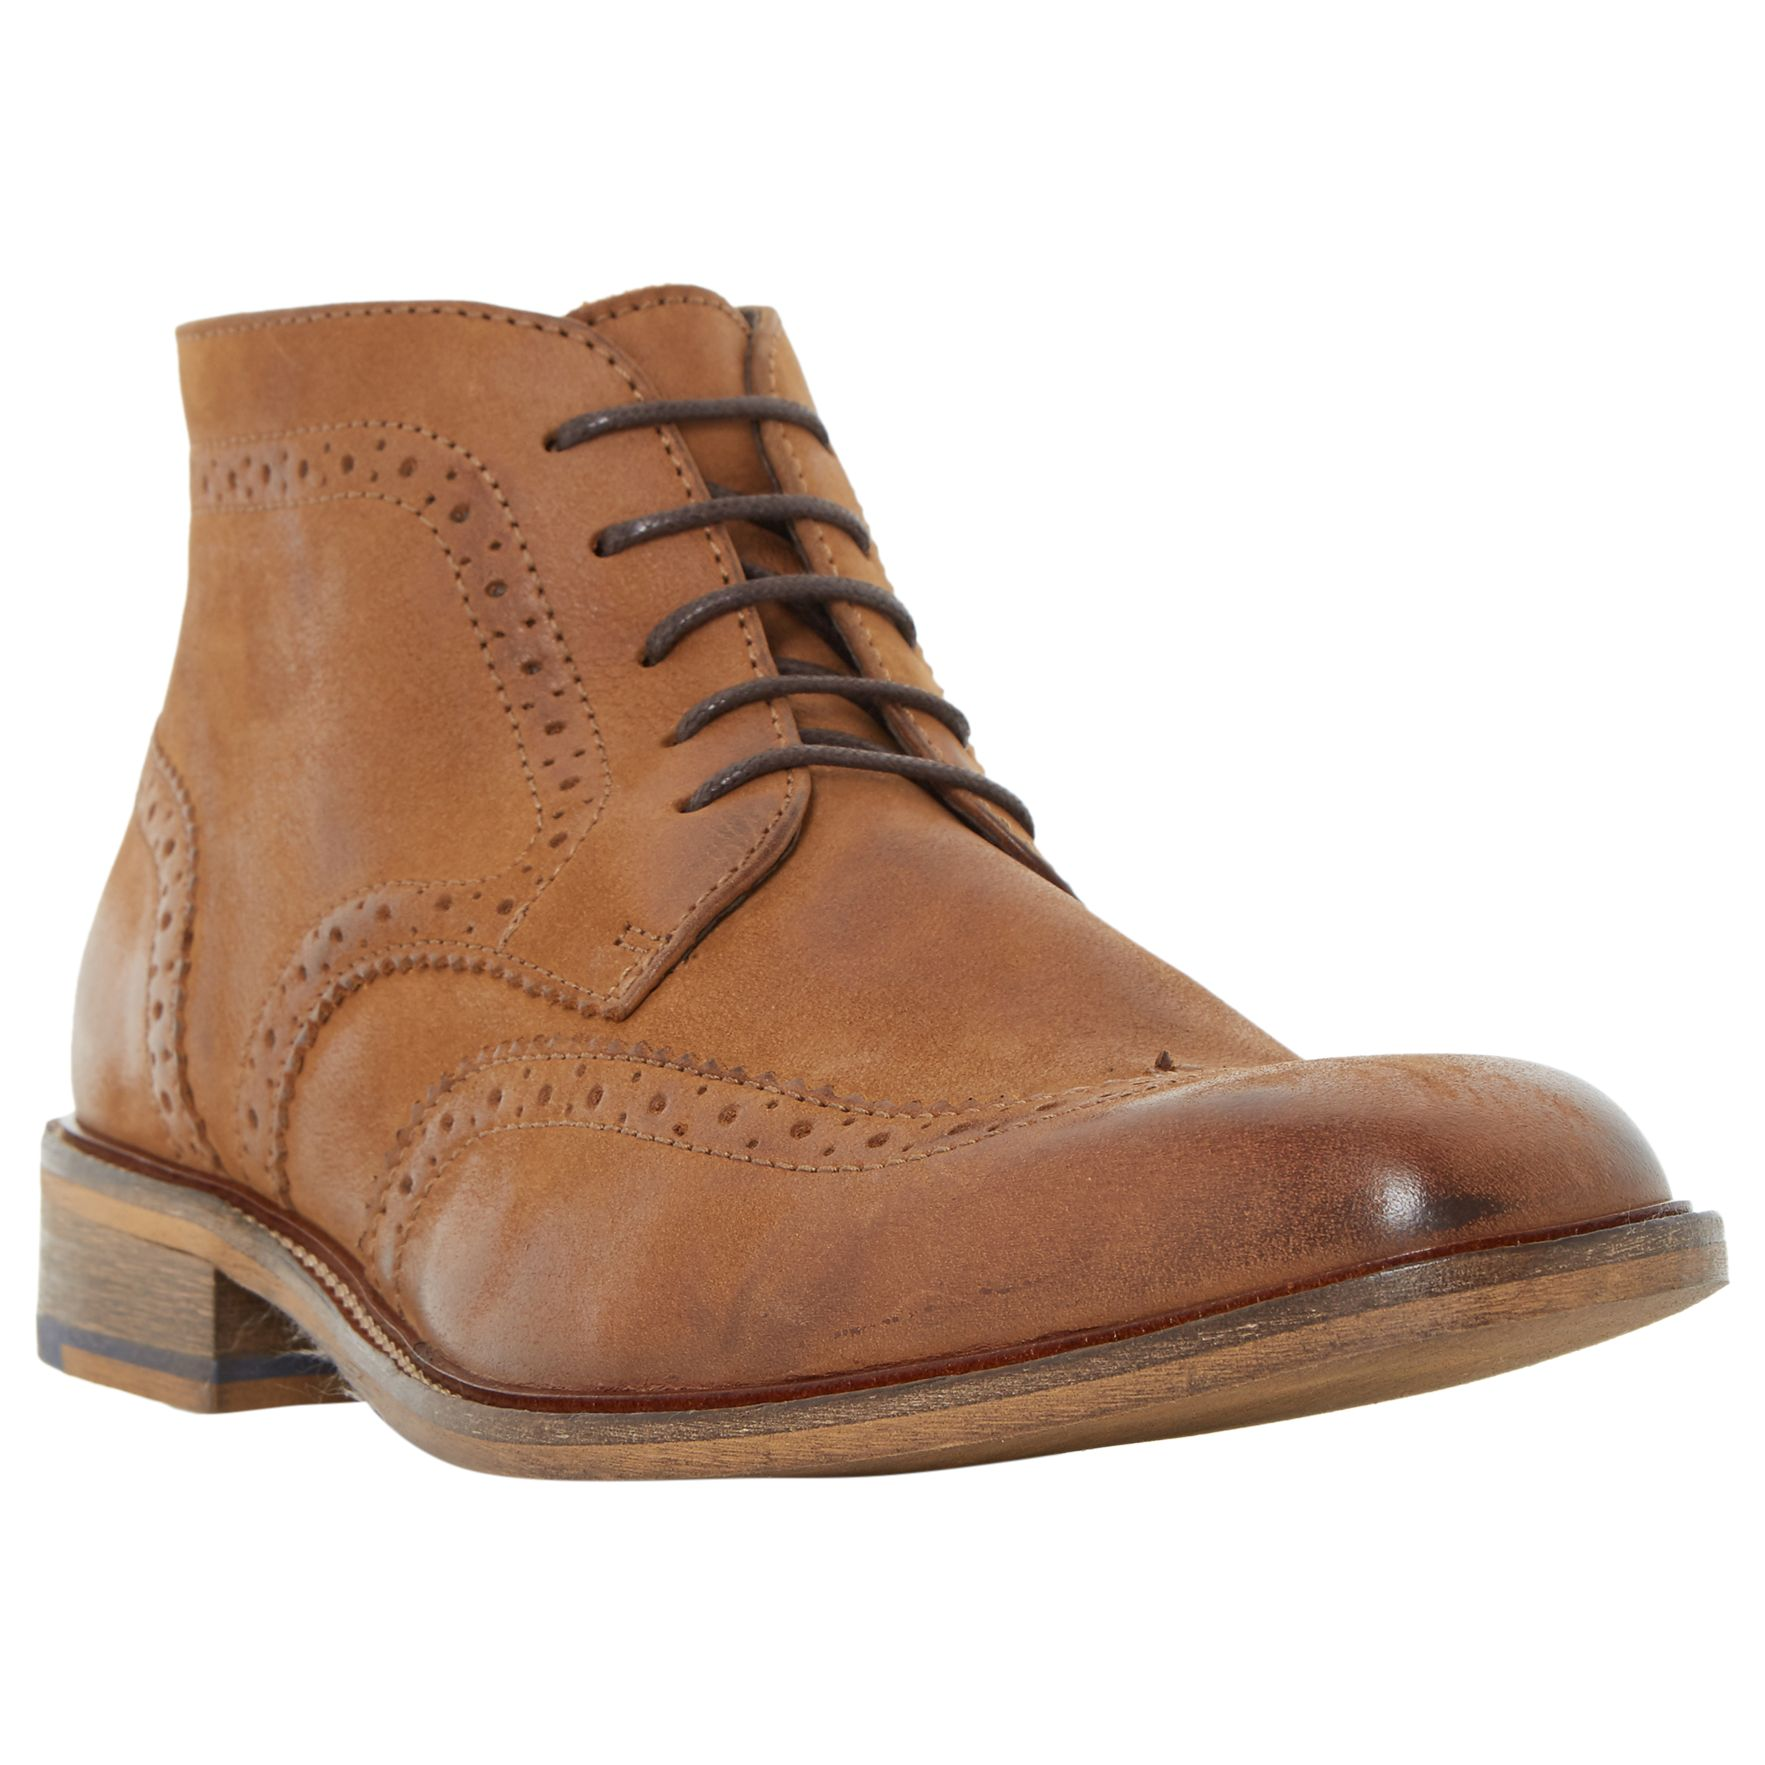 Bertie Bertie Canister Brogue Boots, Tan